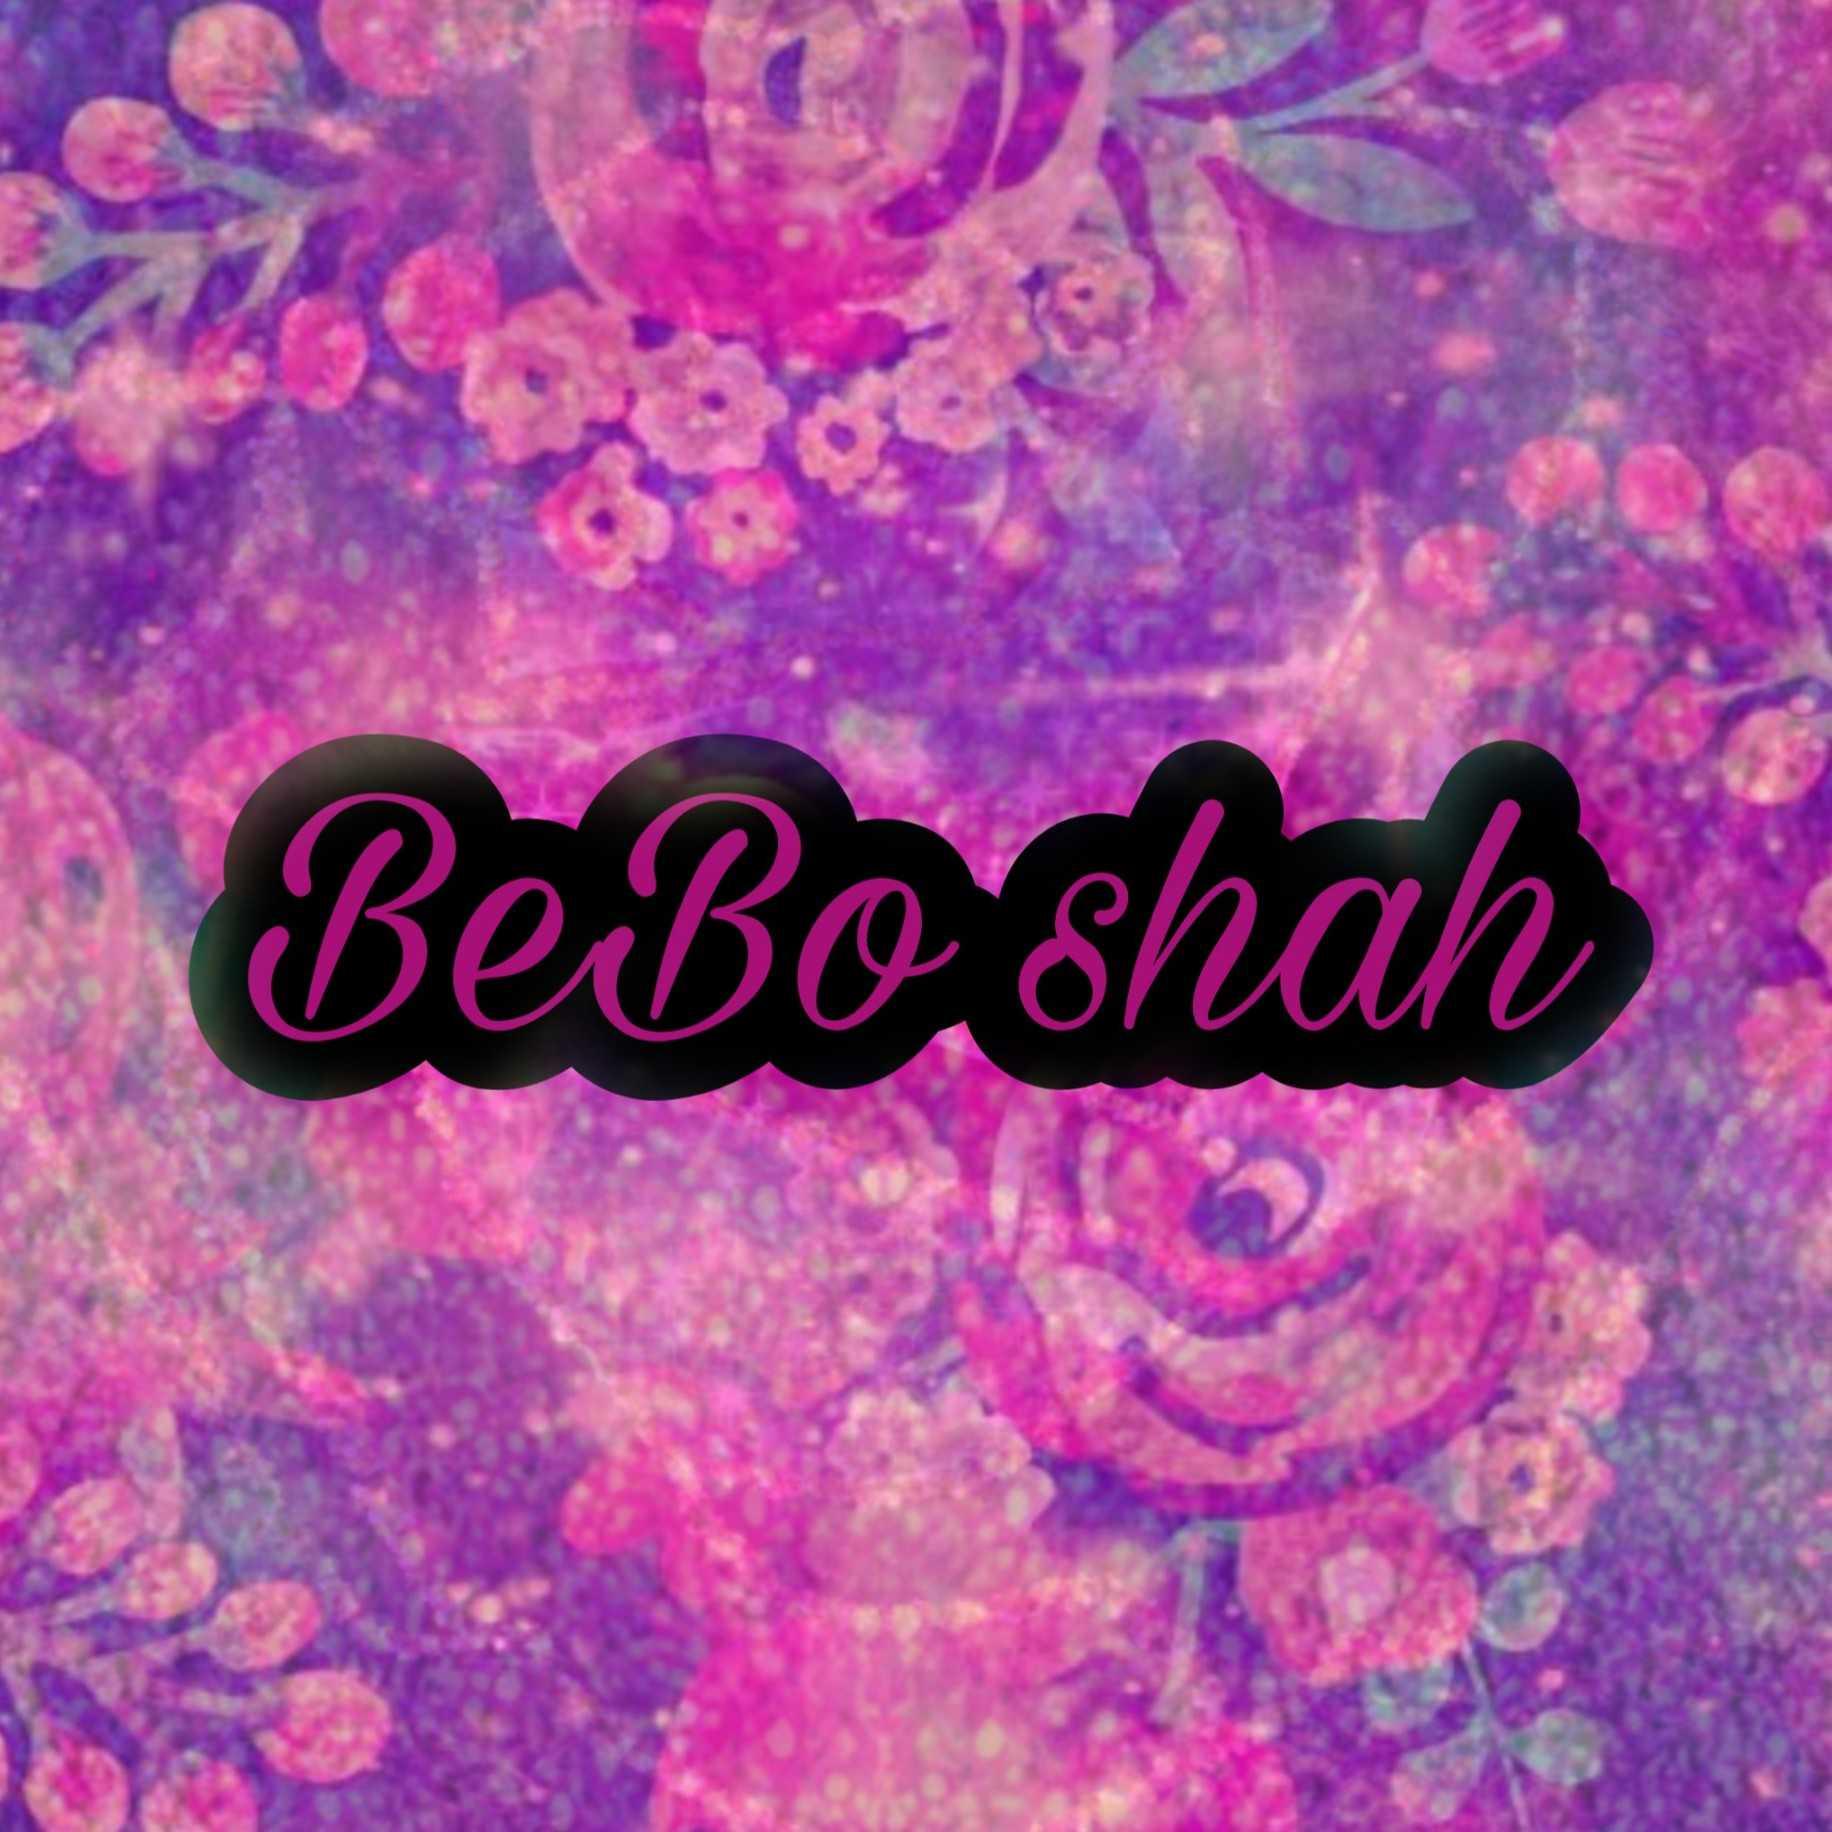 bebo shah